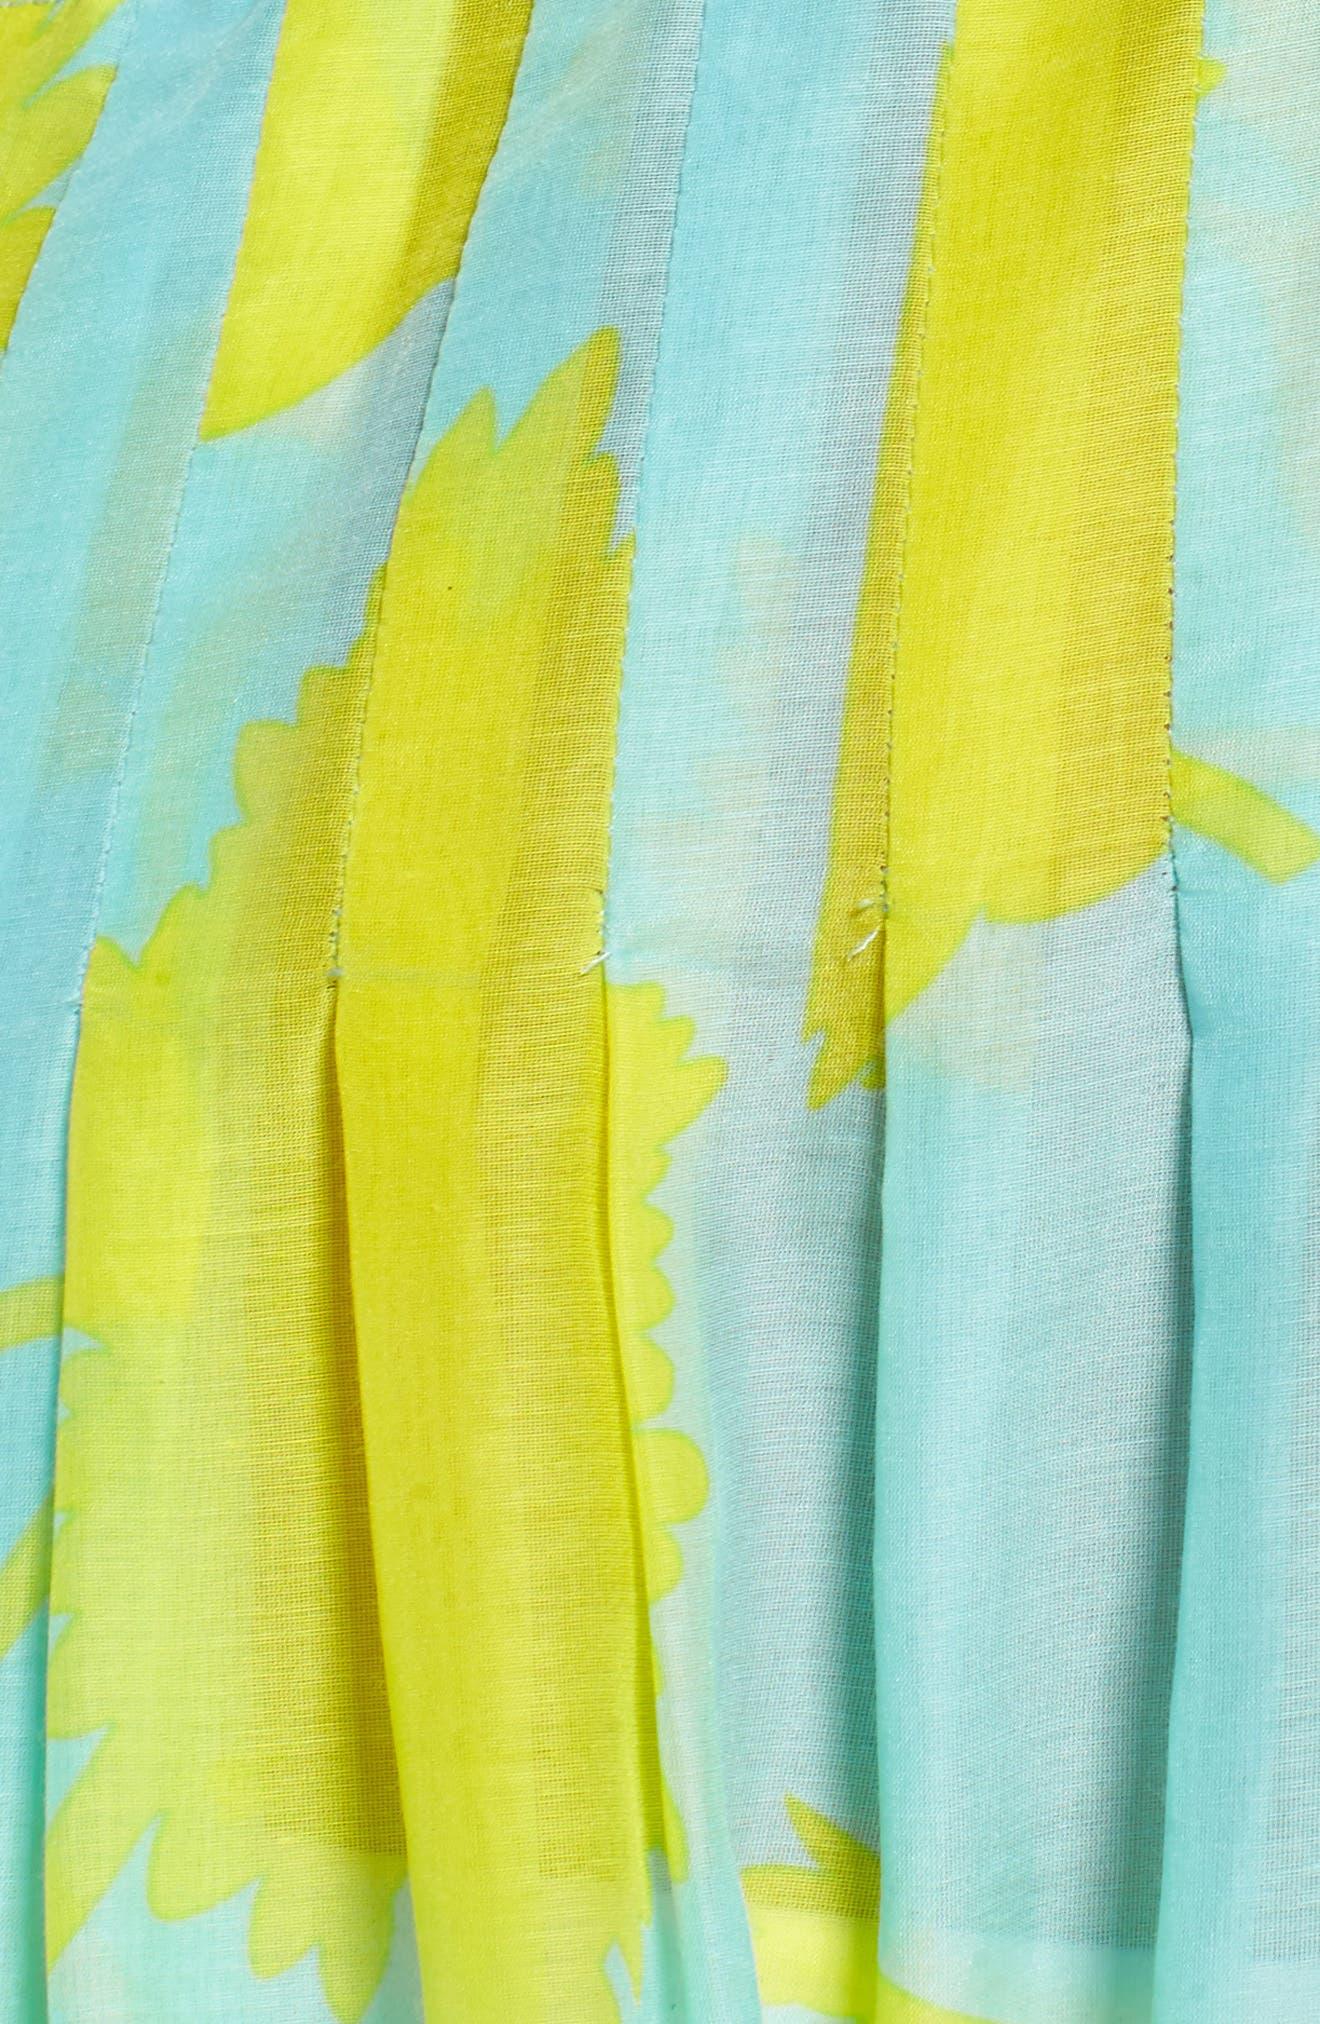 Cover-Up Midi Dress,                             Alternate thumbnail 5, color,                             Cardan Lr